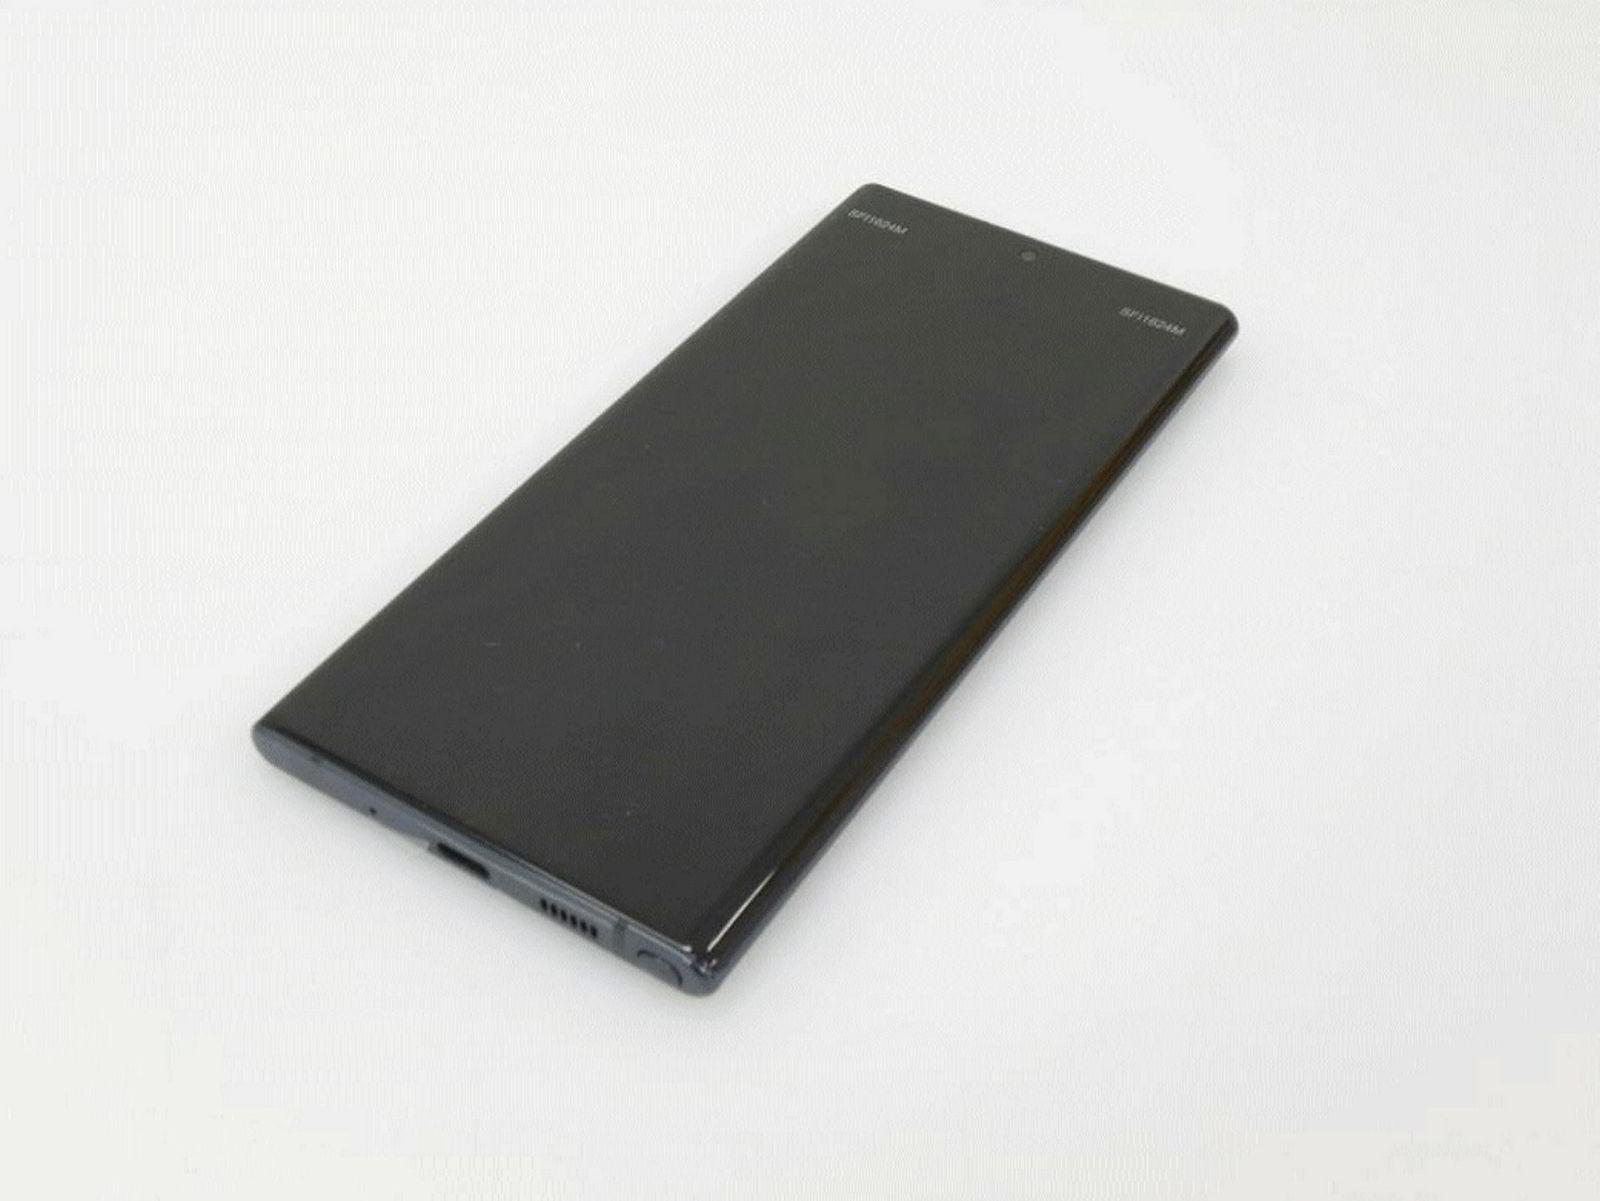 Skjermen på Galaxy Note 10 er på over 6,6 tommer. For første gang har Samsung fjernet den tradisjonelle hodetelefonpluggen. Man må benytte trådløs lydoverføring via bluetooth.